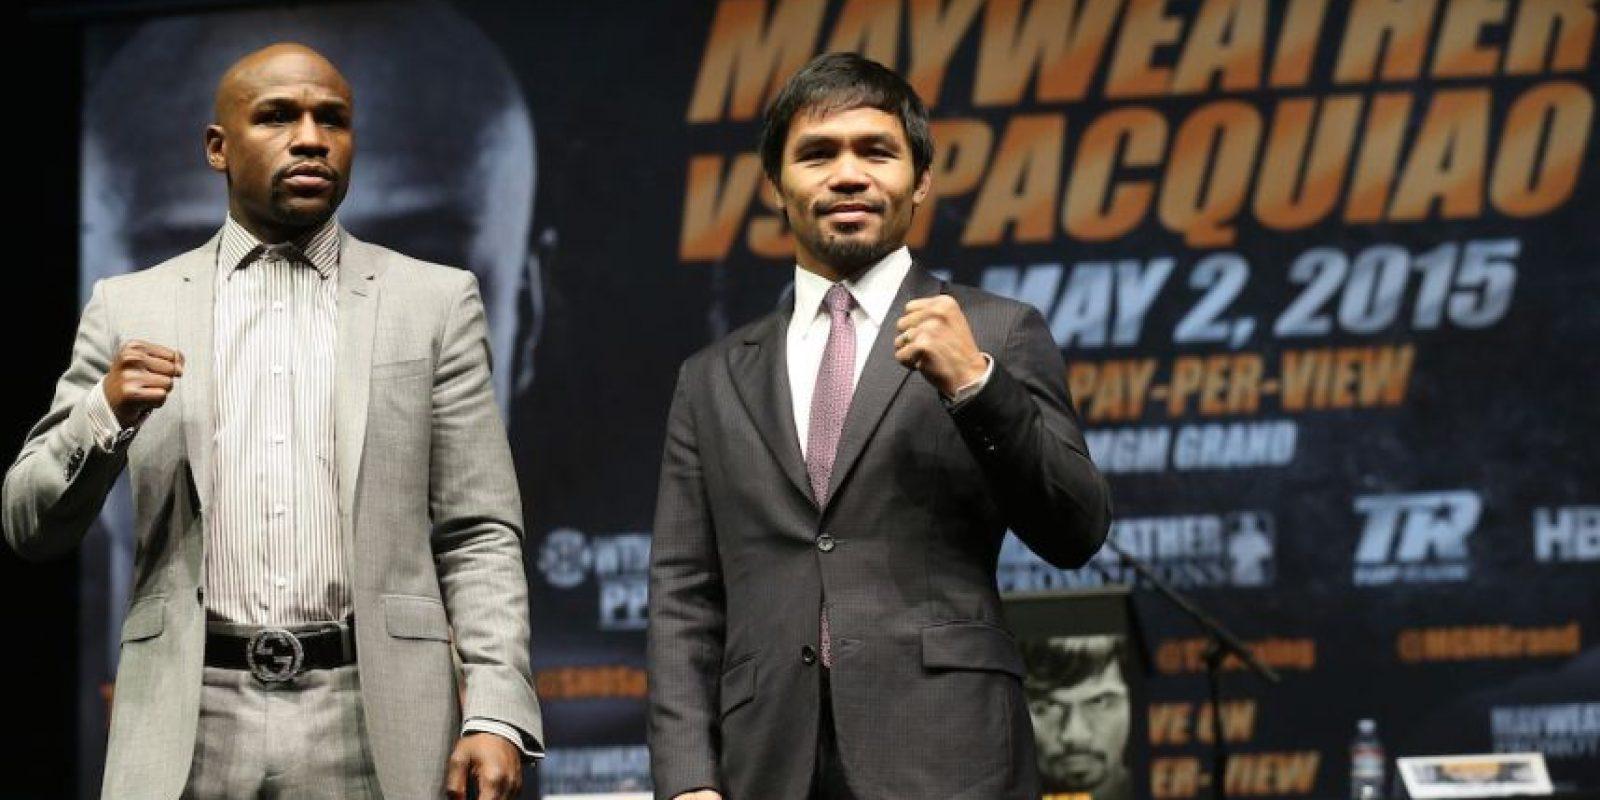 La pelea entre Floyd Mayweather y Manny Pacquiao del próximo 2 de mayo ya mueve grandes cantidades de dinero. Foto:Getty Images